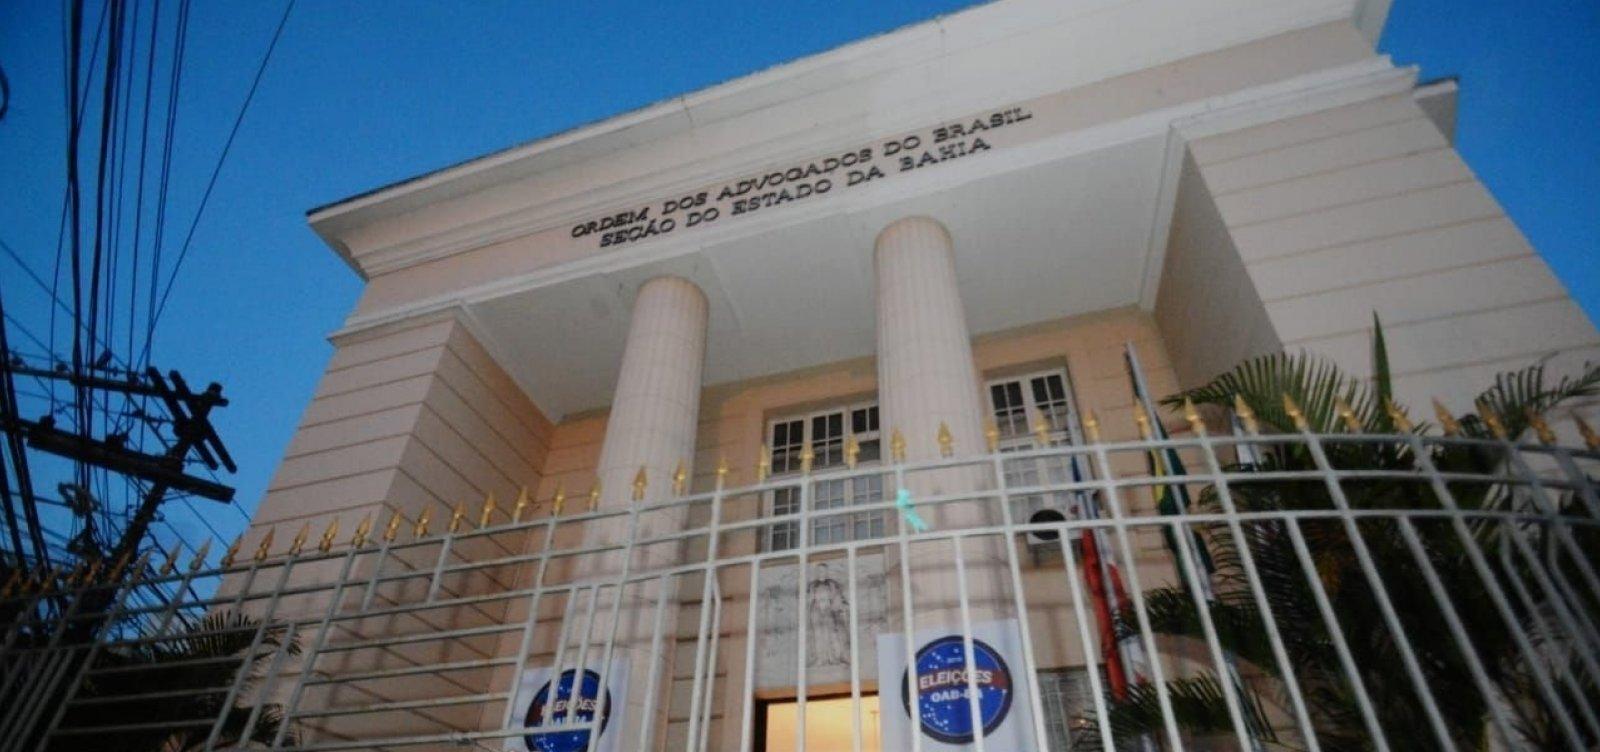 [Operação Faroeste: advogado deve completar uma semana preso em sala irregular]